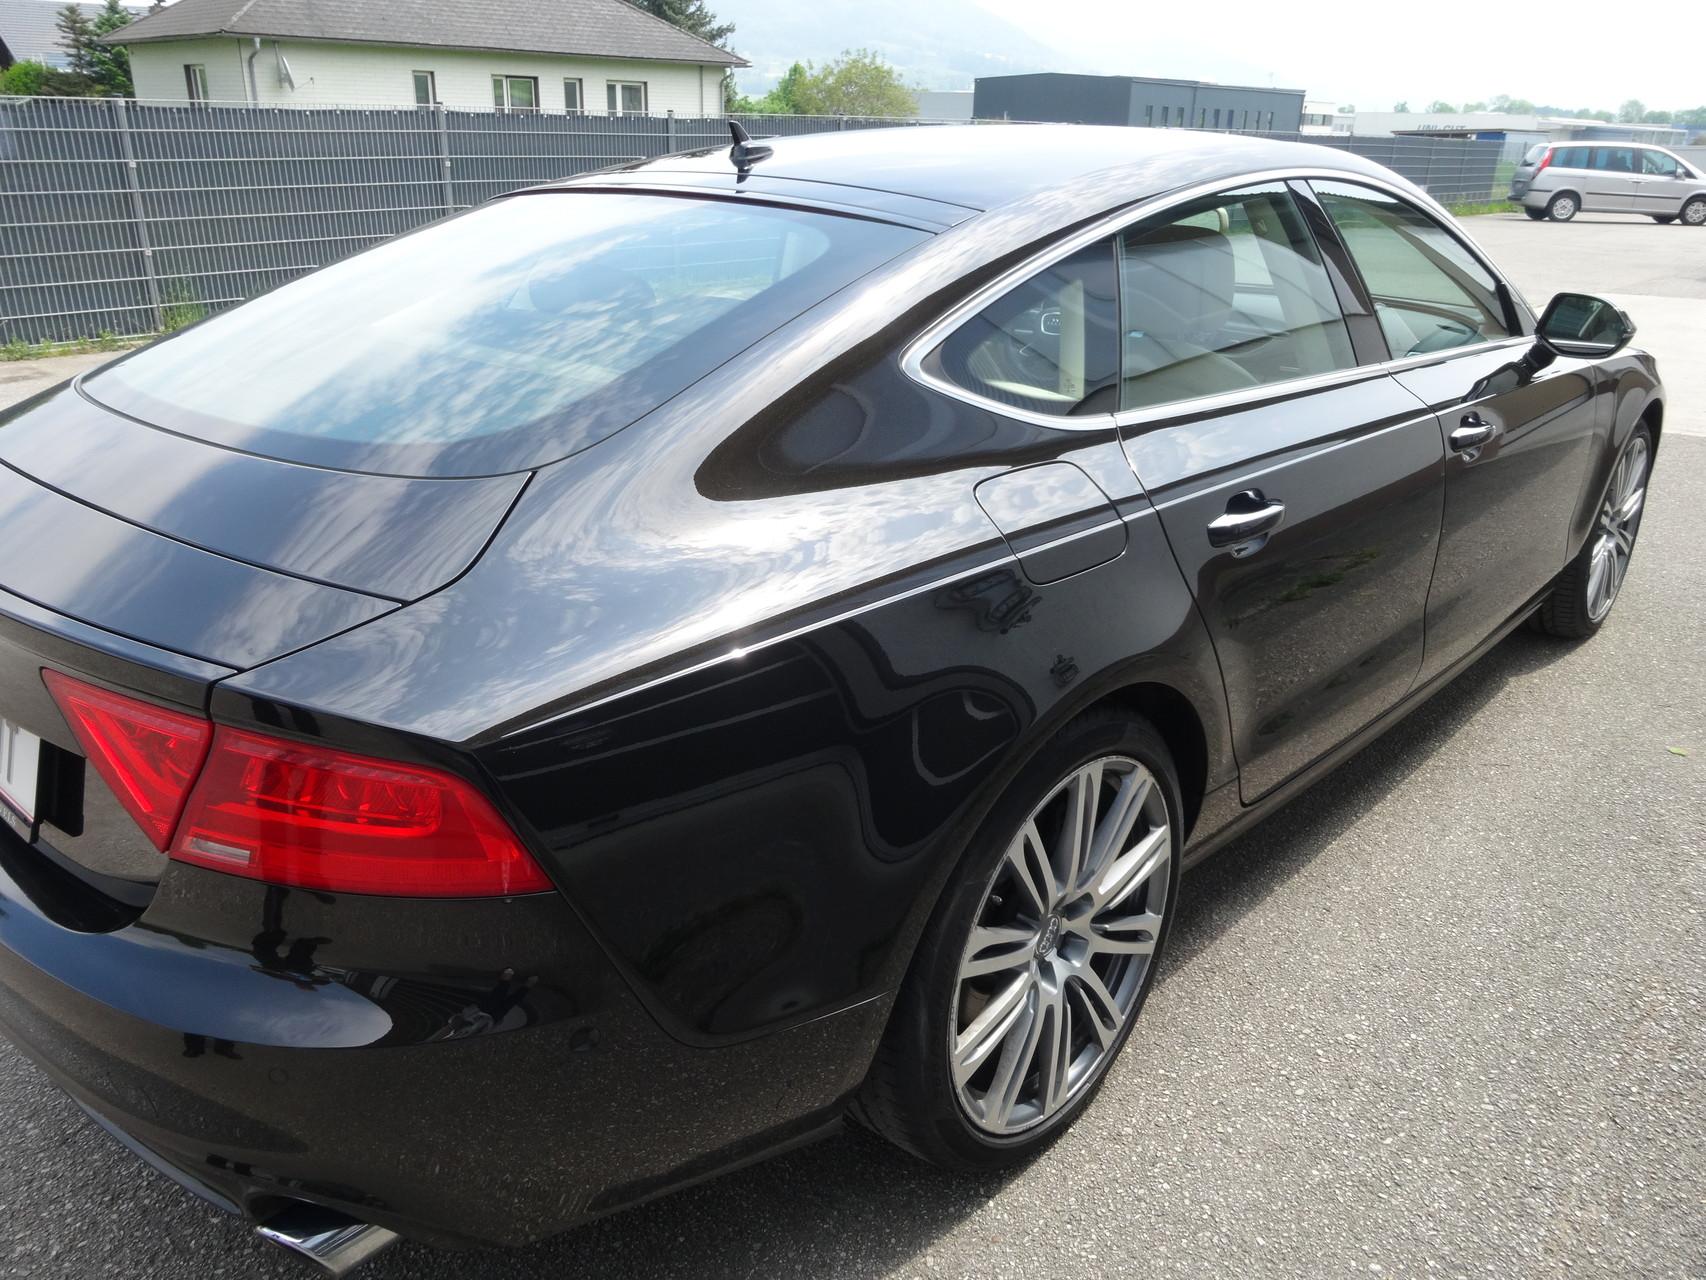 ein toller Audi - schöne Arbeit heute